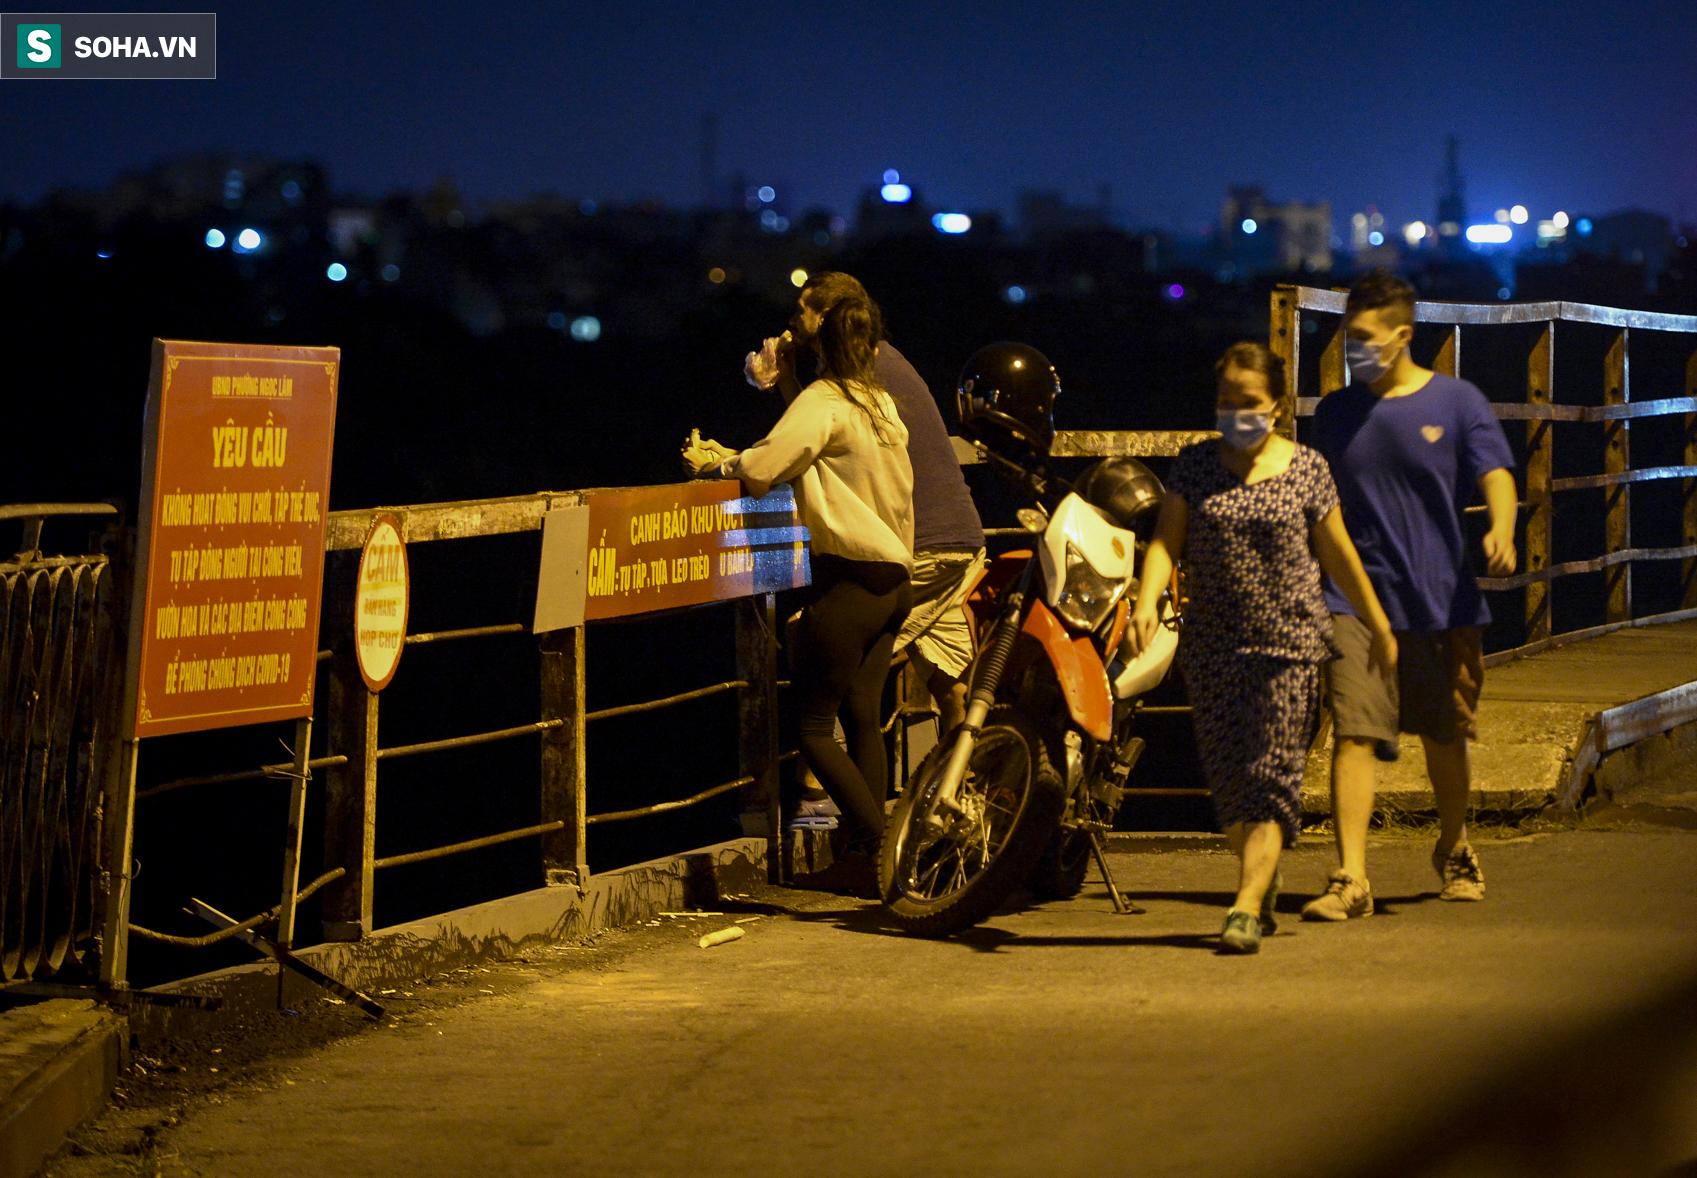 Hà Nội: Nam thanh nữ tú thản nhiên lên cầu Long Biên tâm sự, chụp ảnh, hóng mát bất chấp giãn cách xã hội - Ảnh 13.